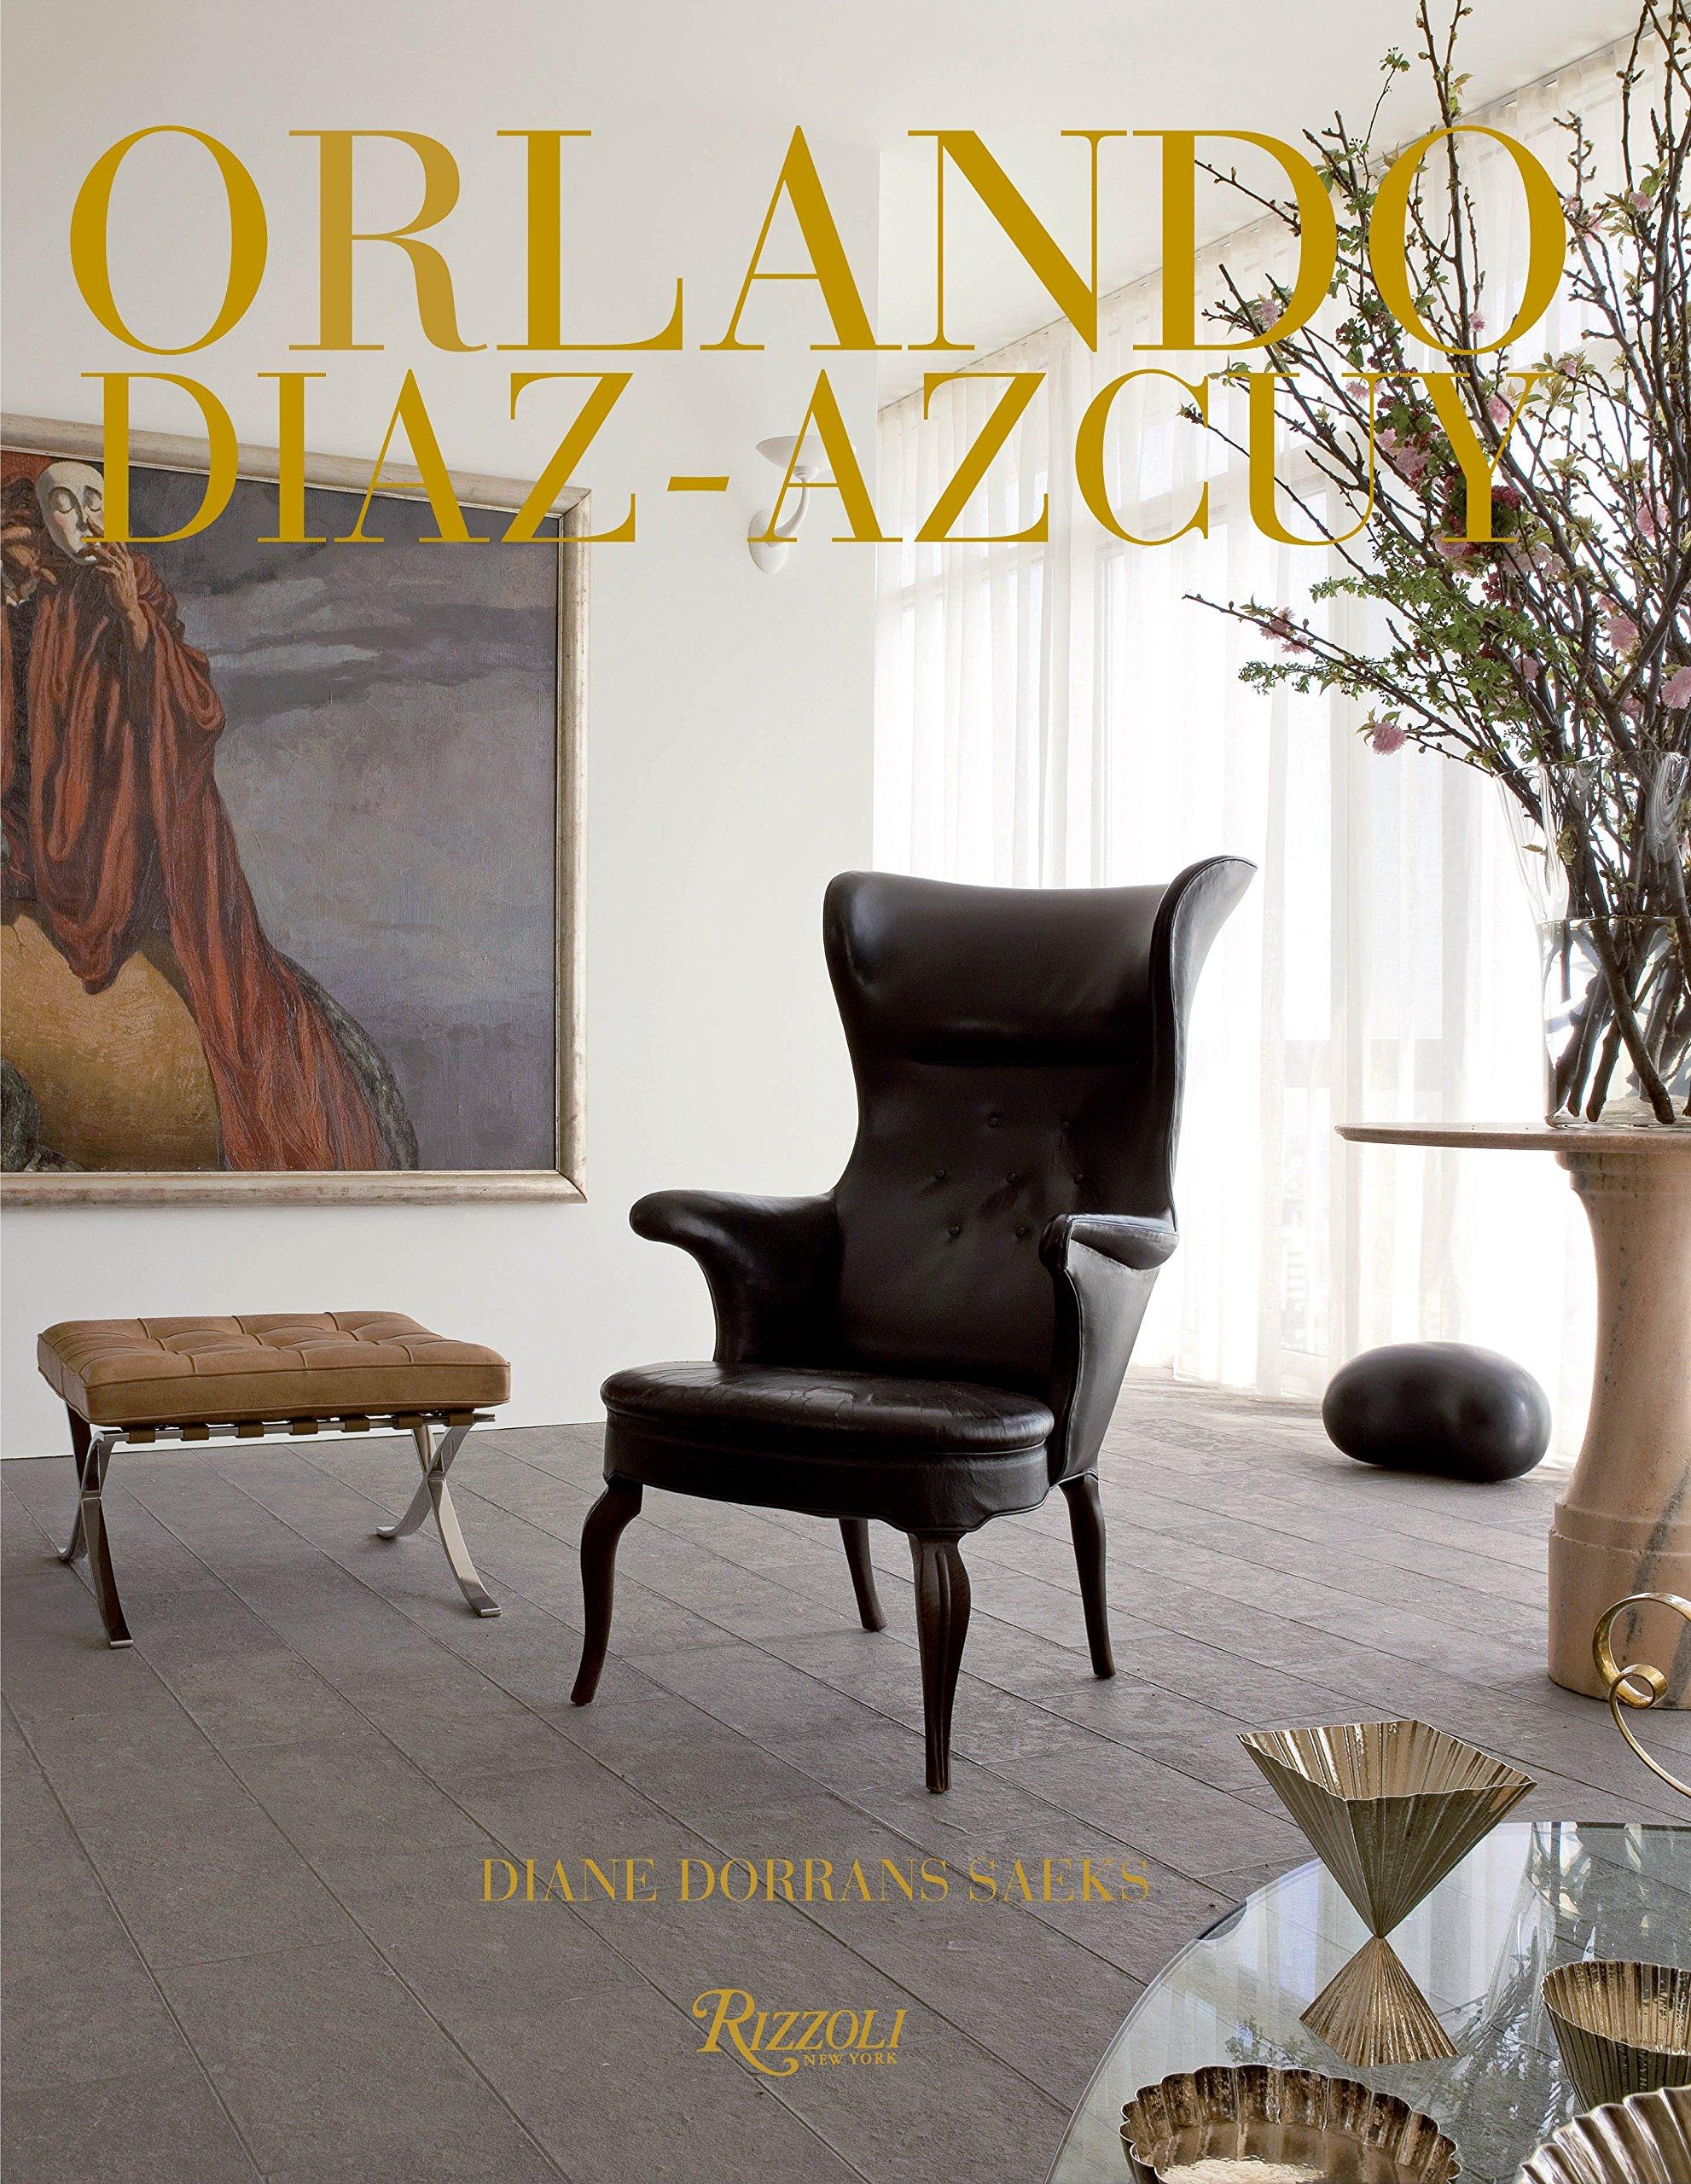 Orlando Diaz Azcuy: Diane Dorrans Saeks: 9780847830763: Amazon.com: Books